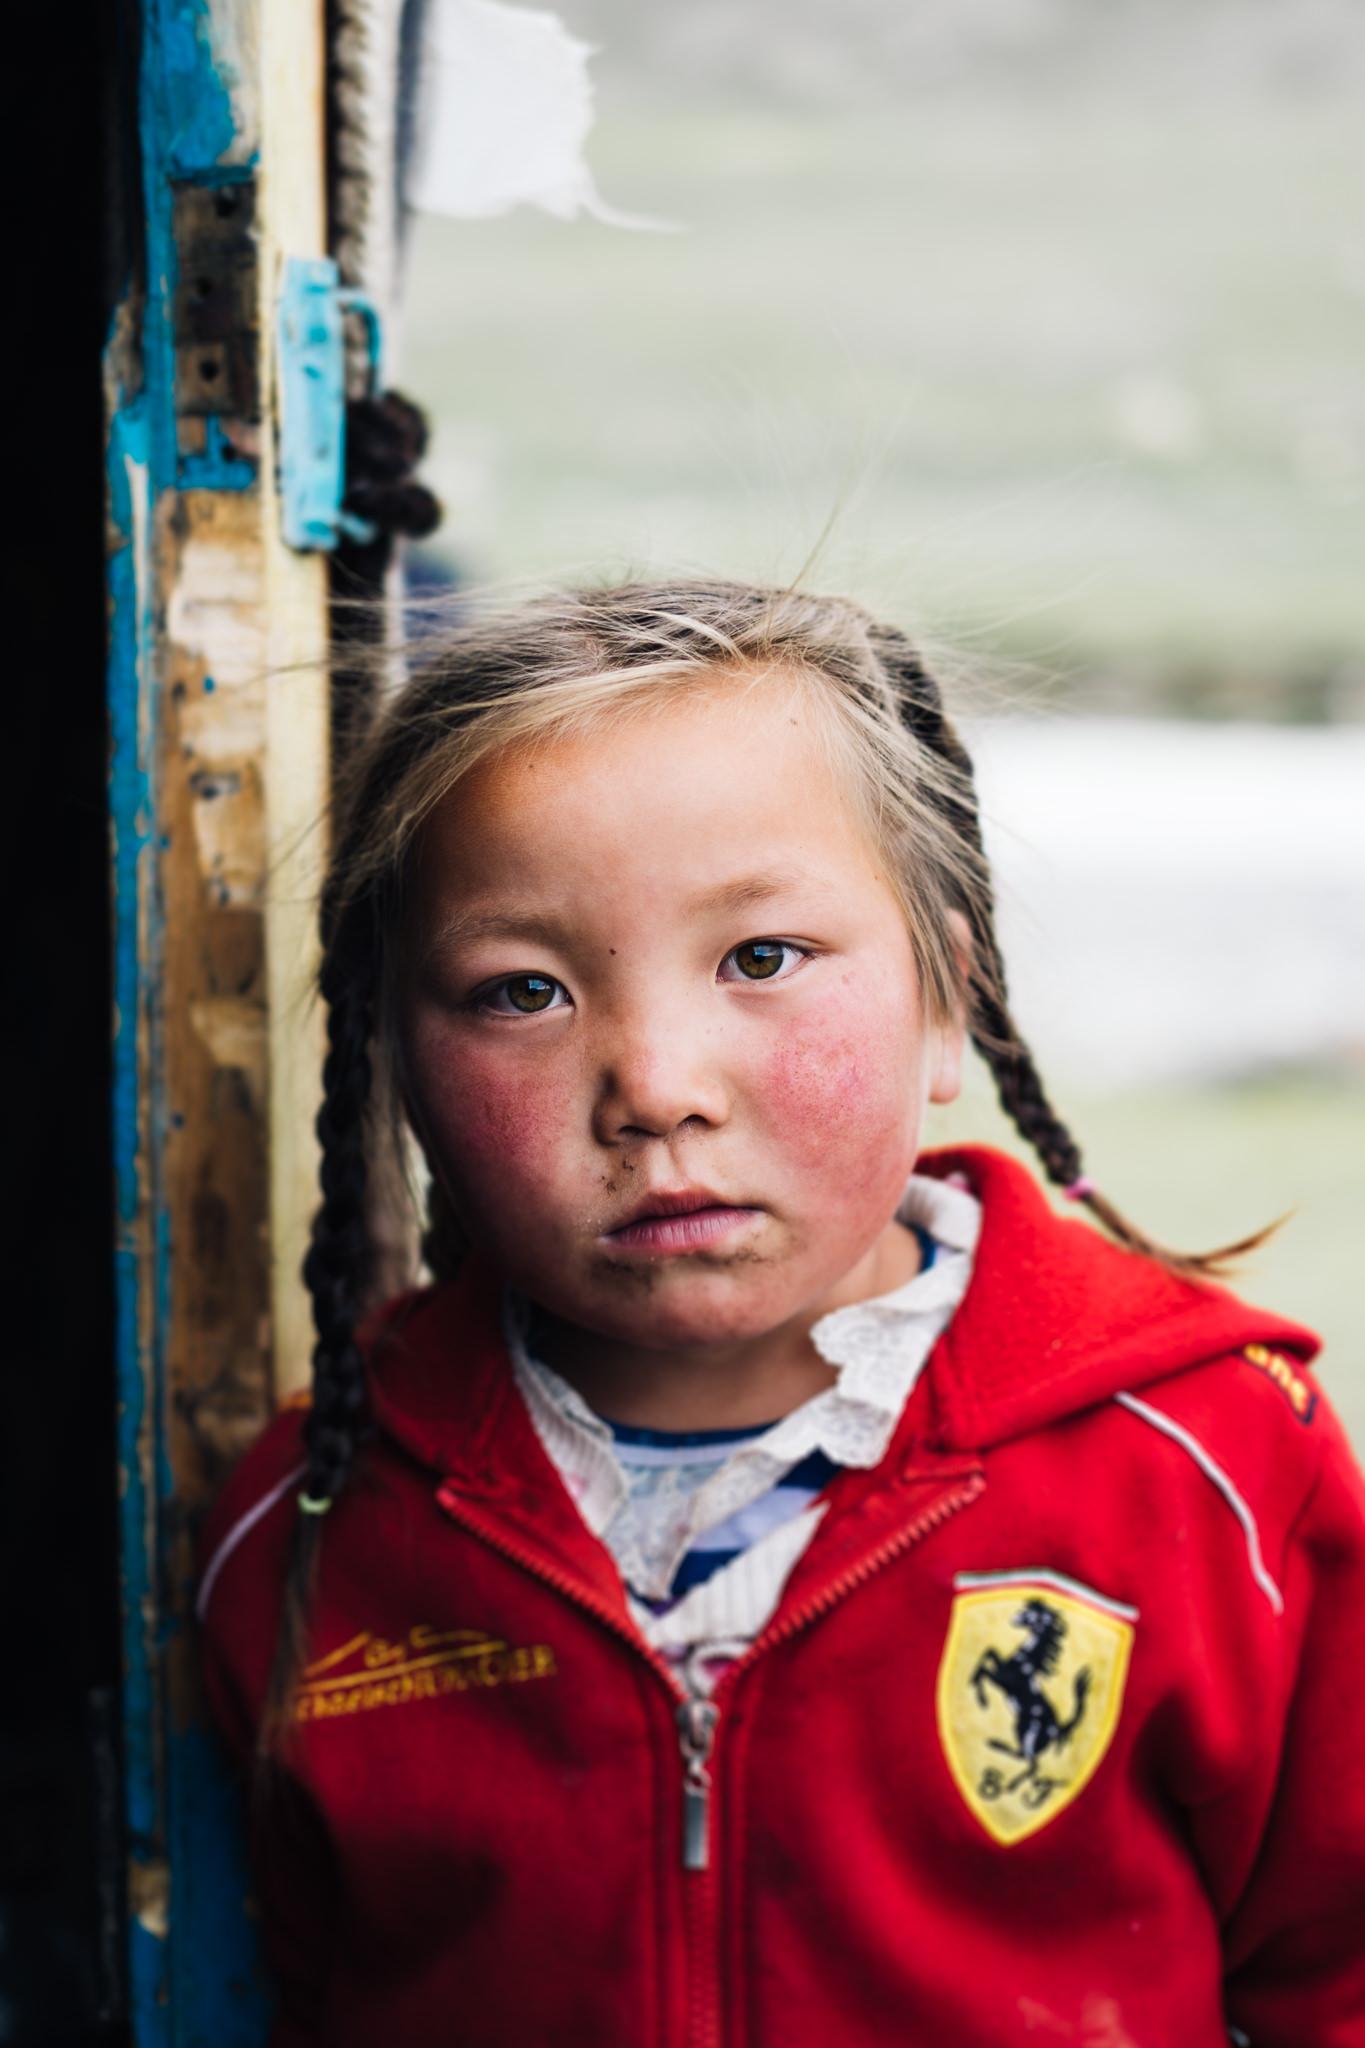 Mongolia Girl (1 of 1).jpg